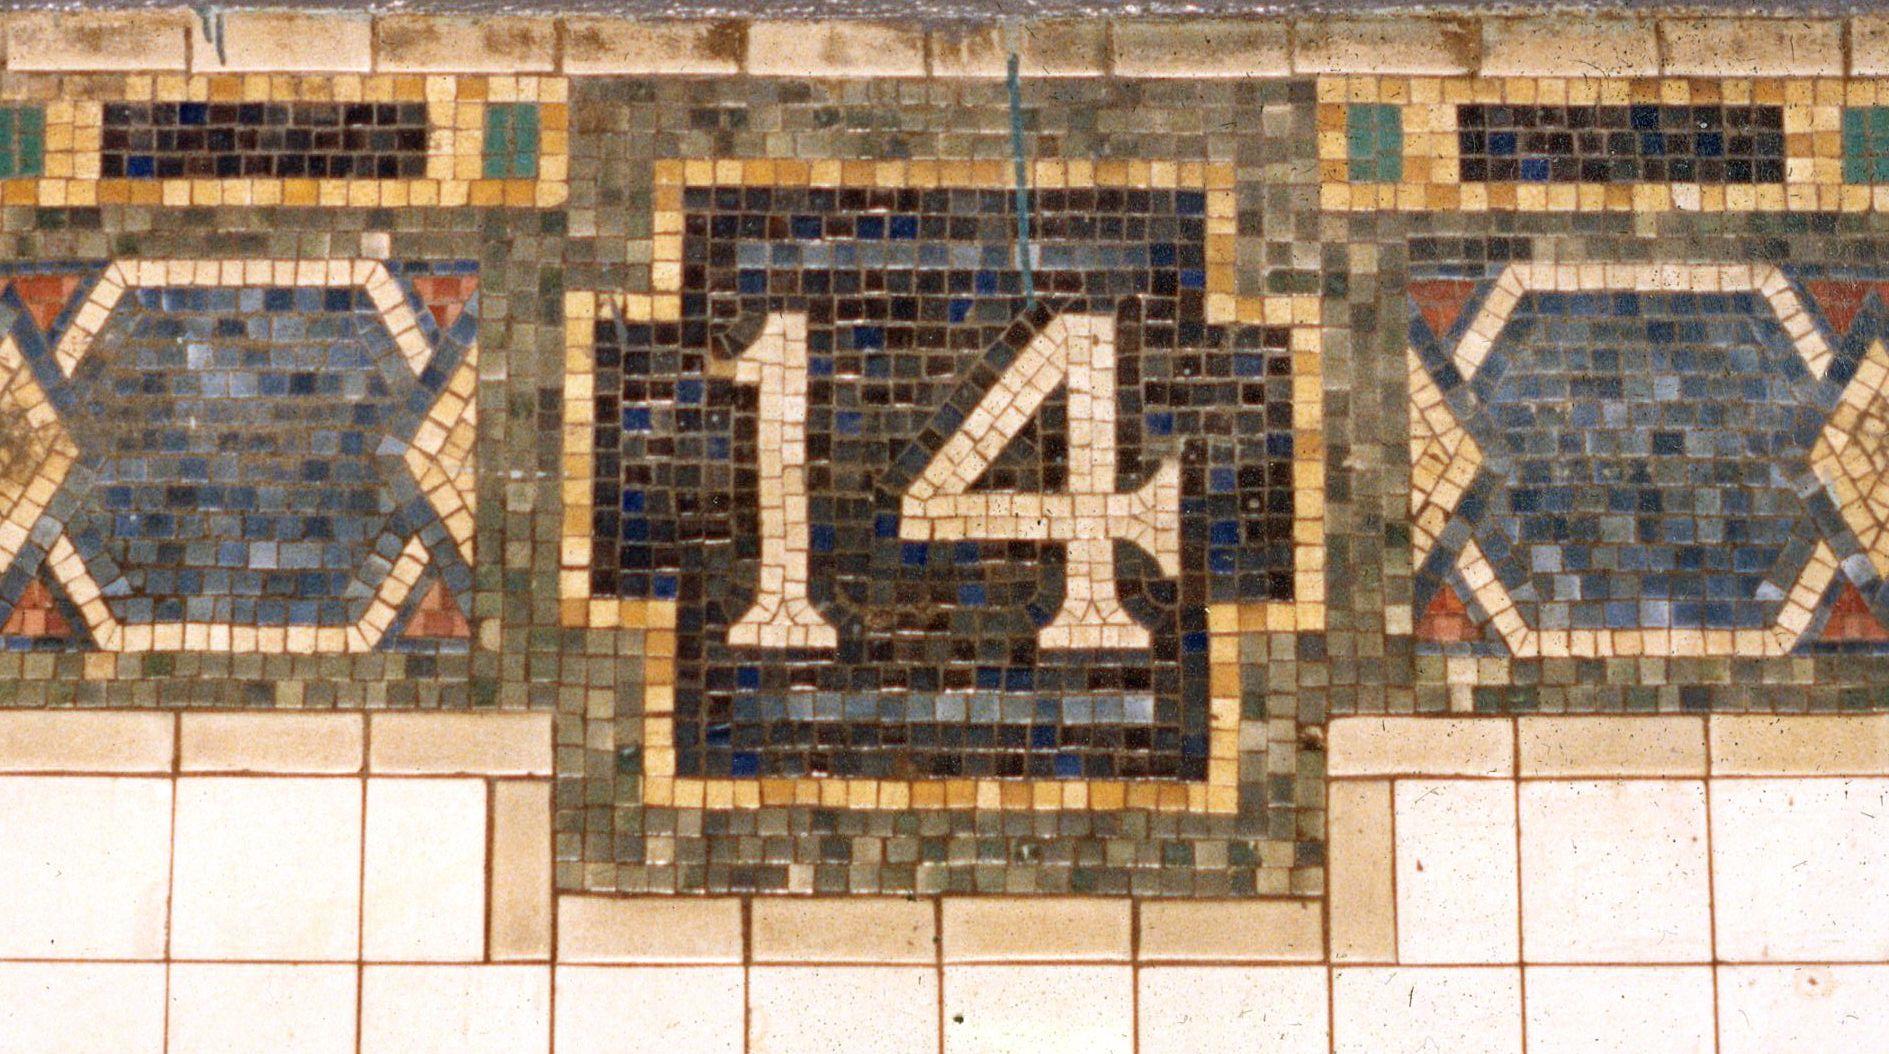 NY 14th Street Subway